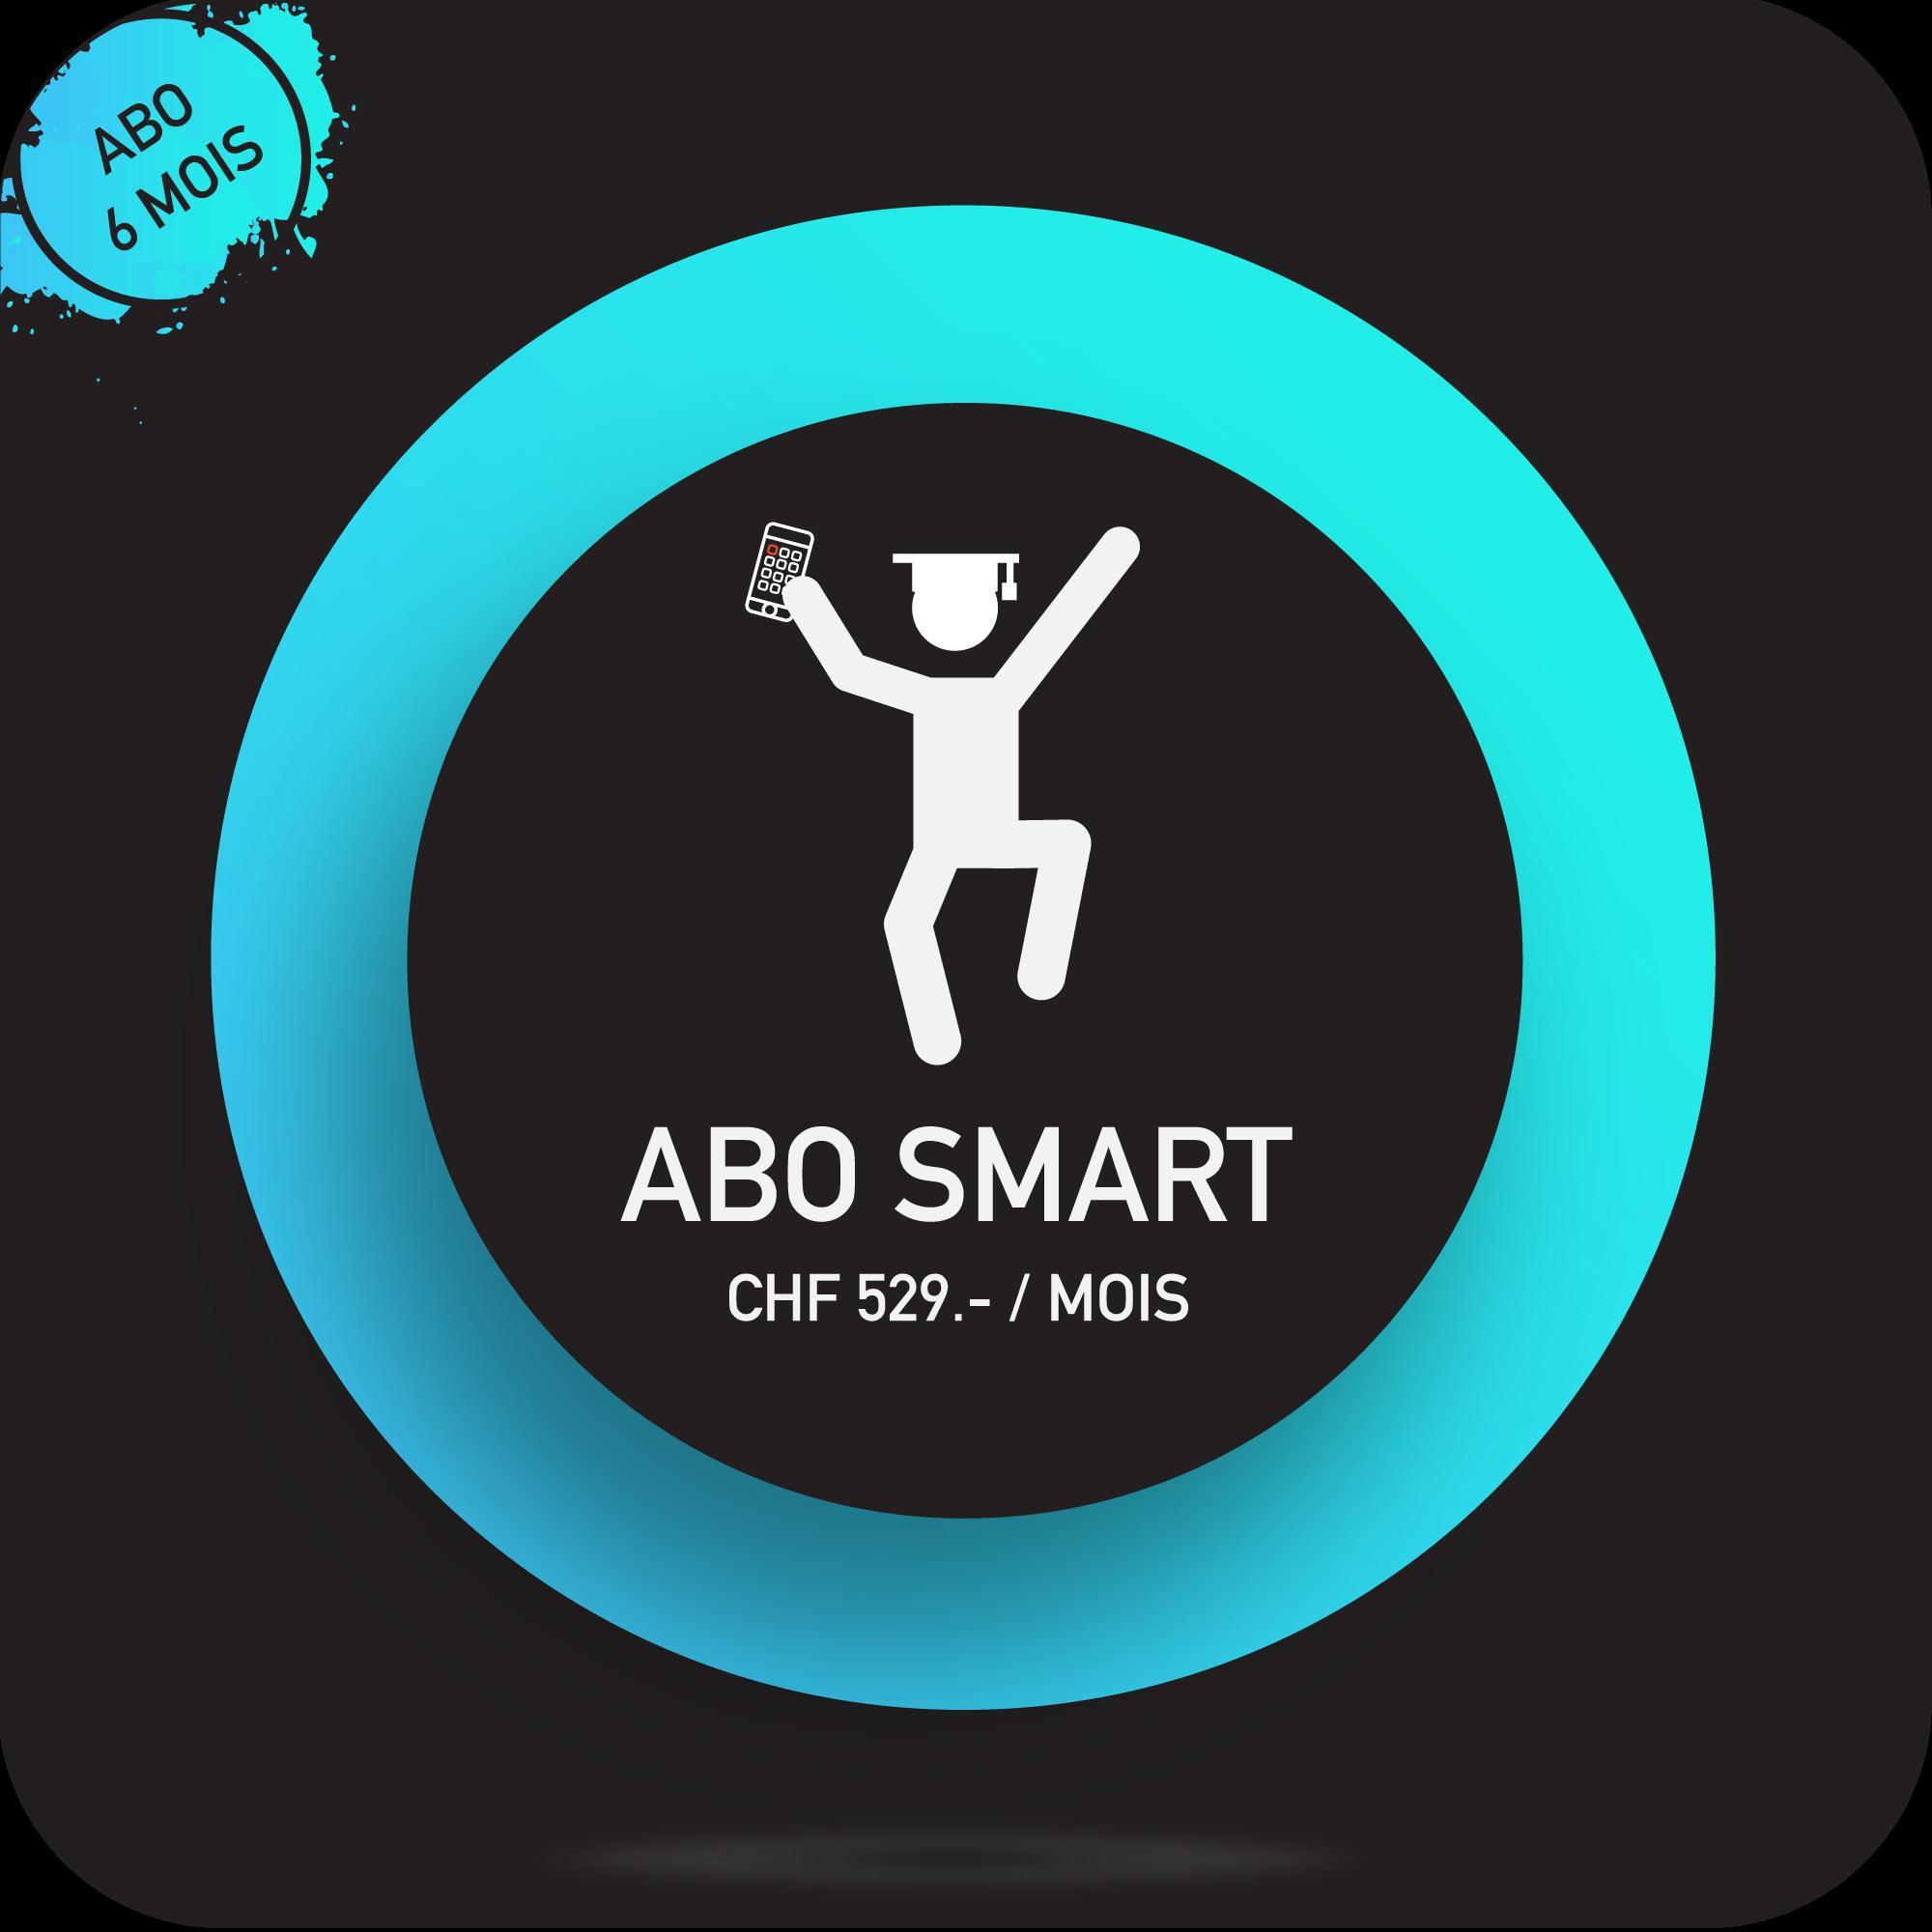 La combinaison Smart - Une abonnement de 6 mois avec une séance de personal training hebdomadaire combiné à du coaching à distance avec ton coach YD Motivator